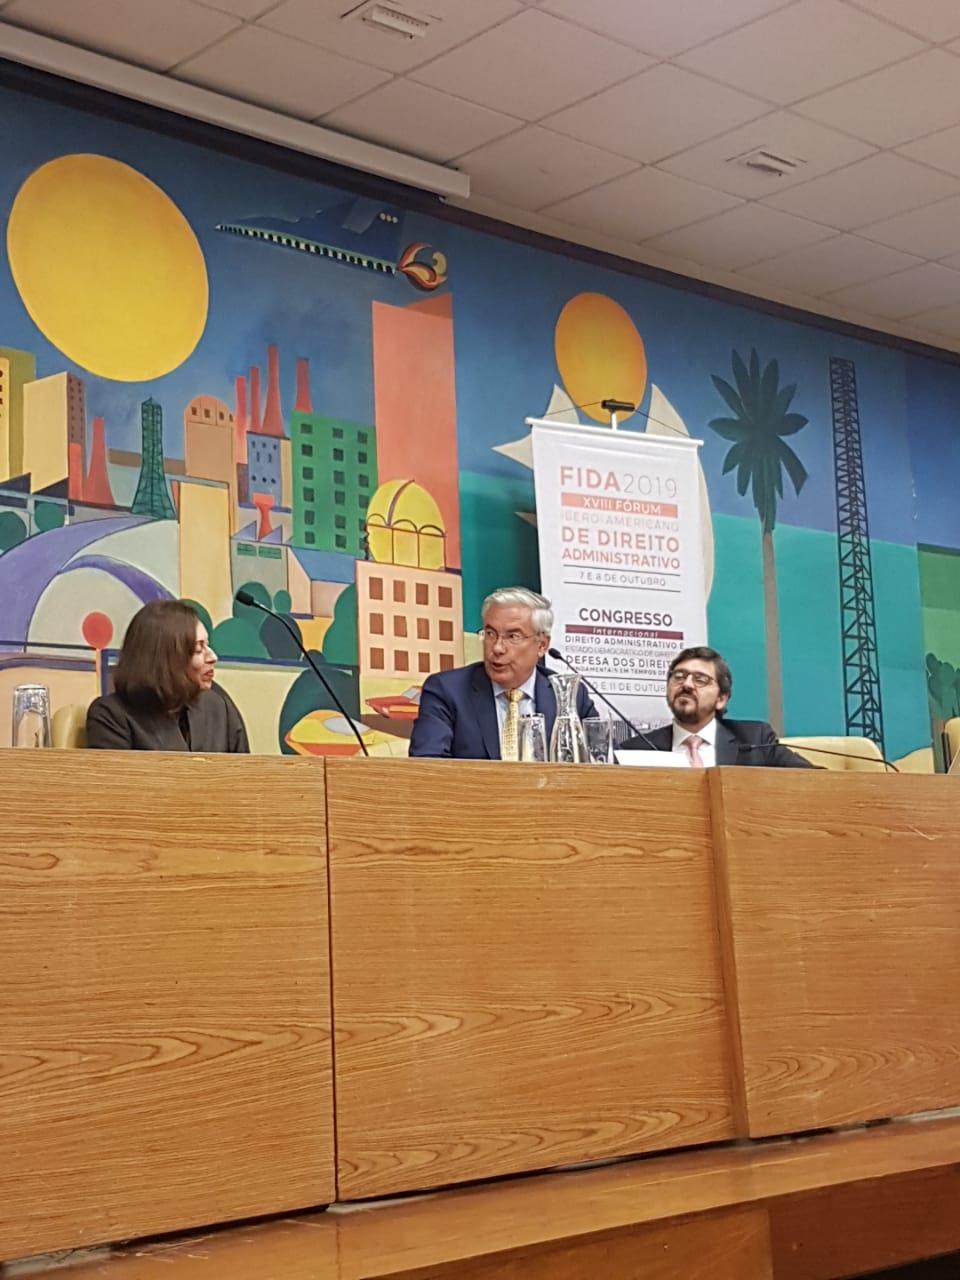 Celebración Del Foro Iberoamericano De Derecho Administrativo FIDA 2019